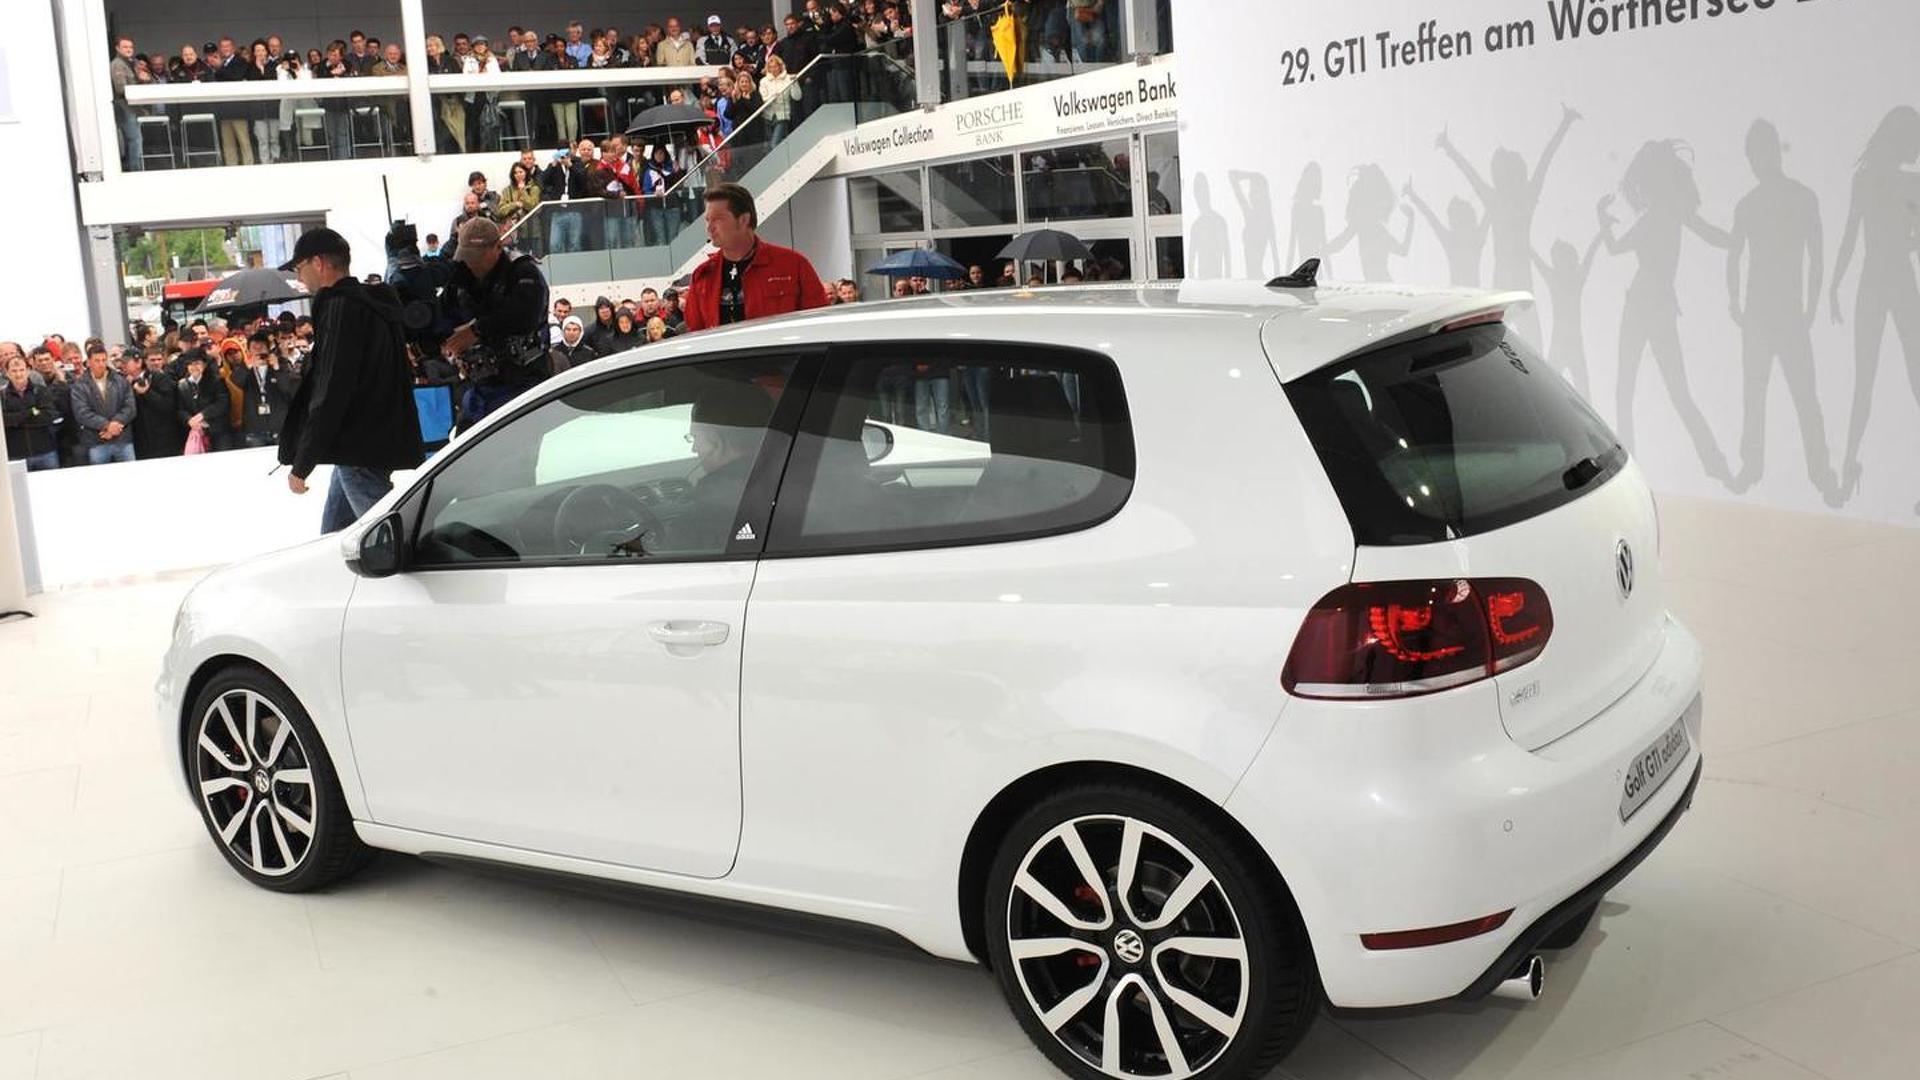 Habitat Reclamación bulto  VW Golf GTI adidas & Excessive World Debuts at Wörthersee